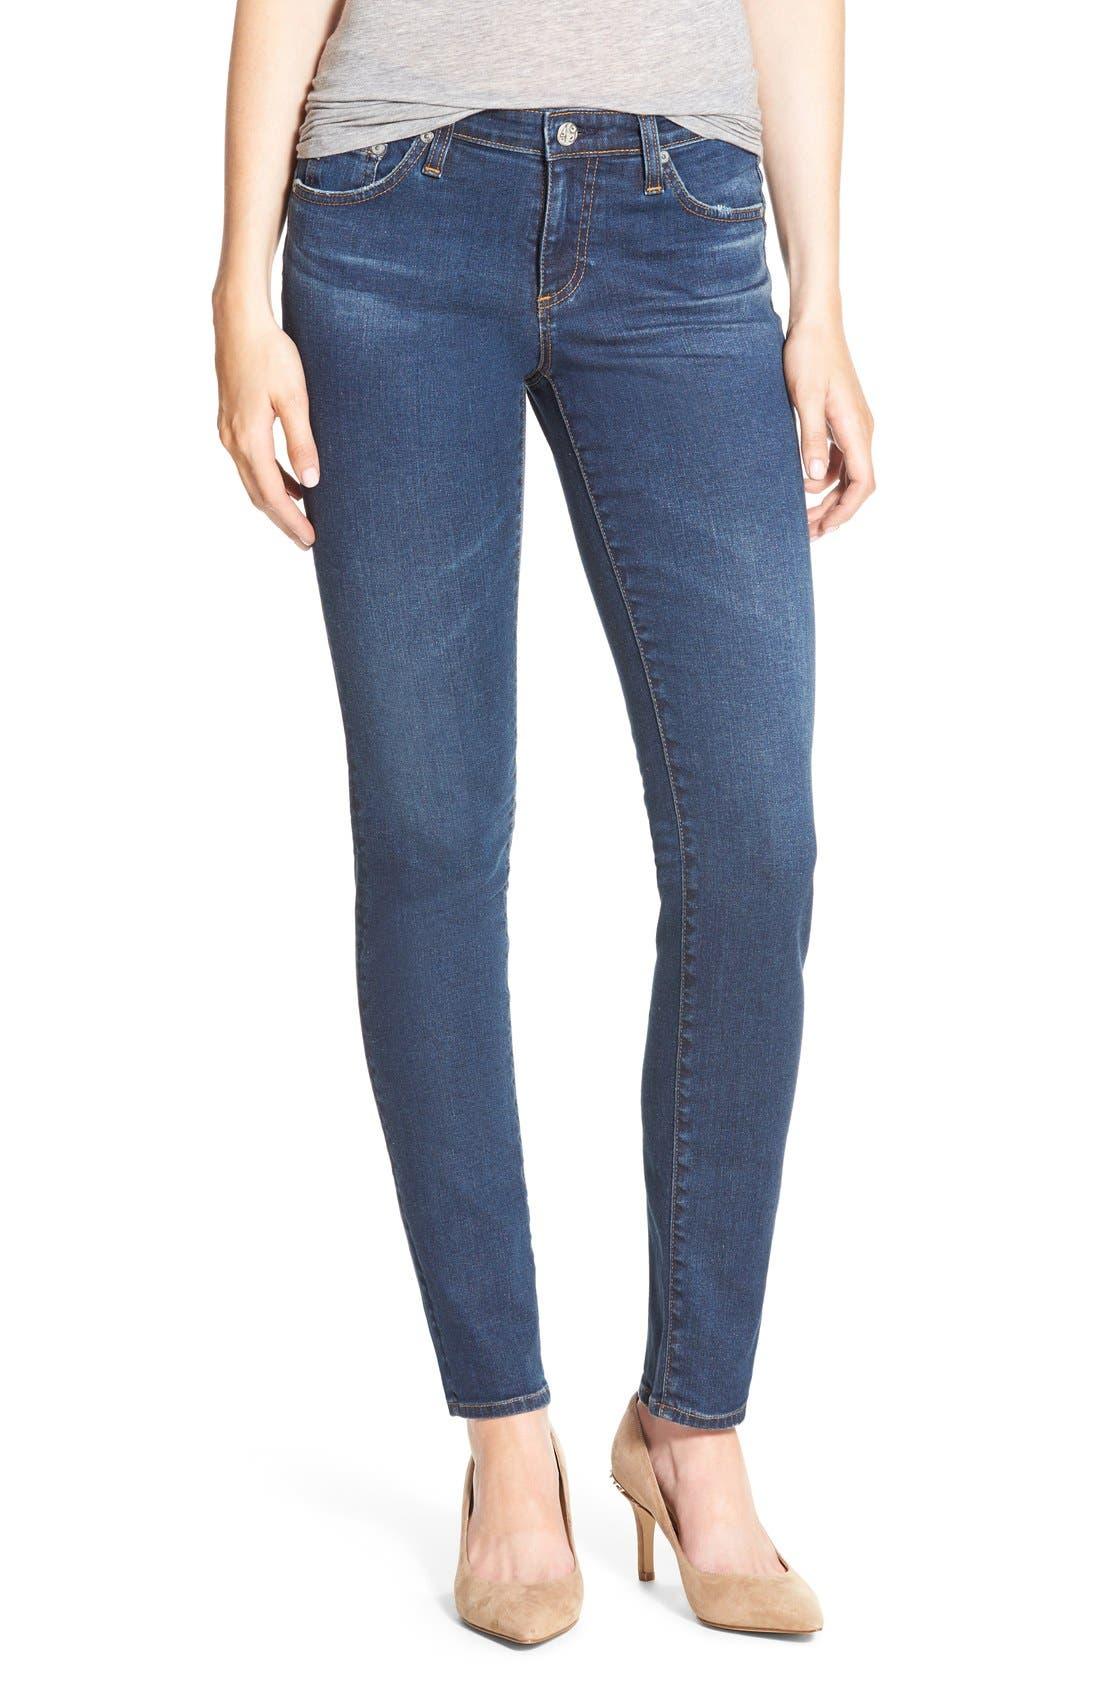 Alternate Image 1 Selected - AG 'The Stilt' Cigarette Leg Jeans (Elysium)